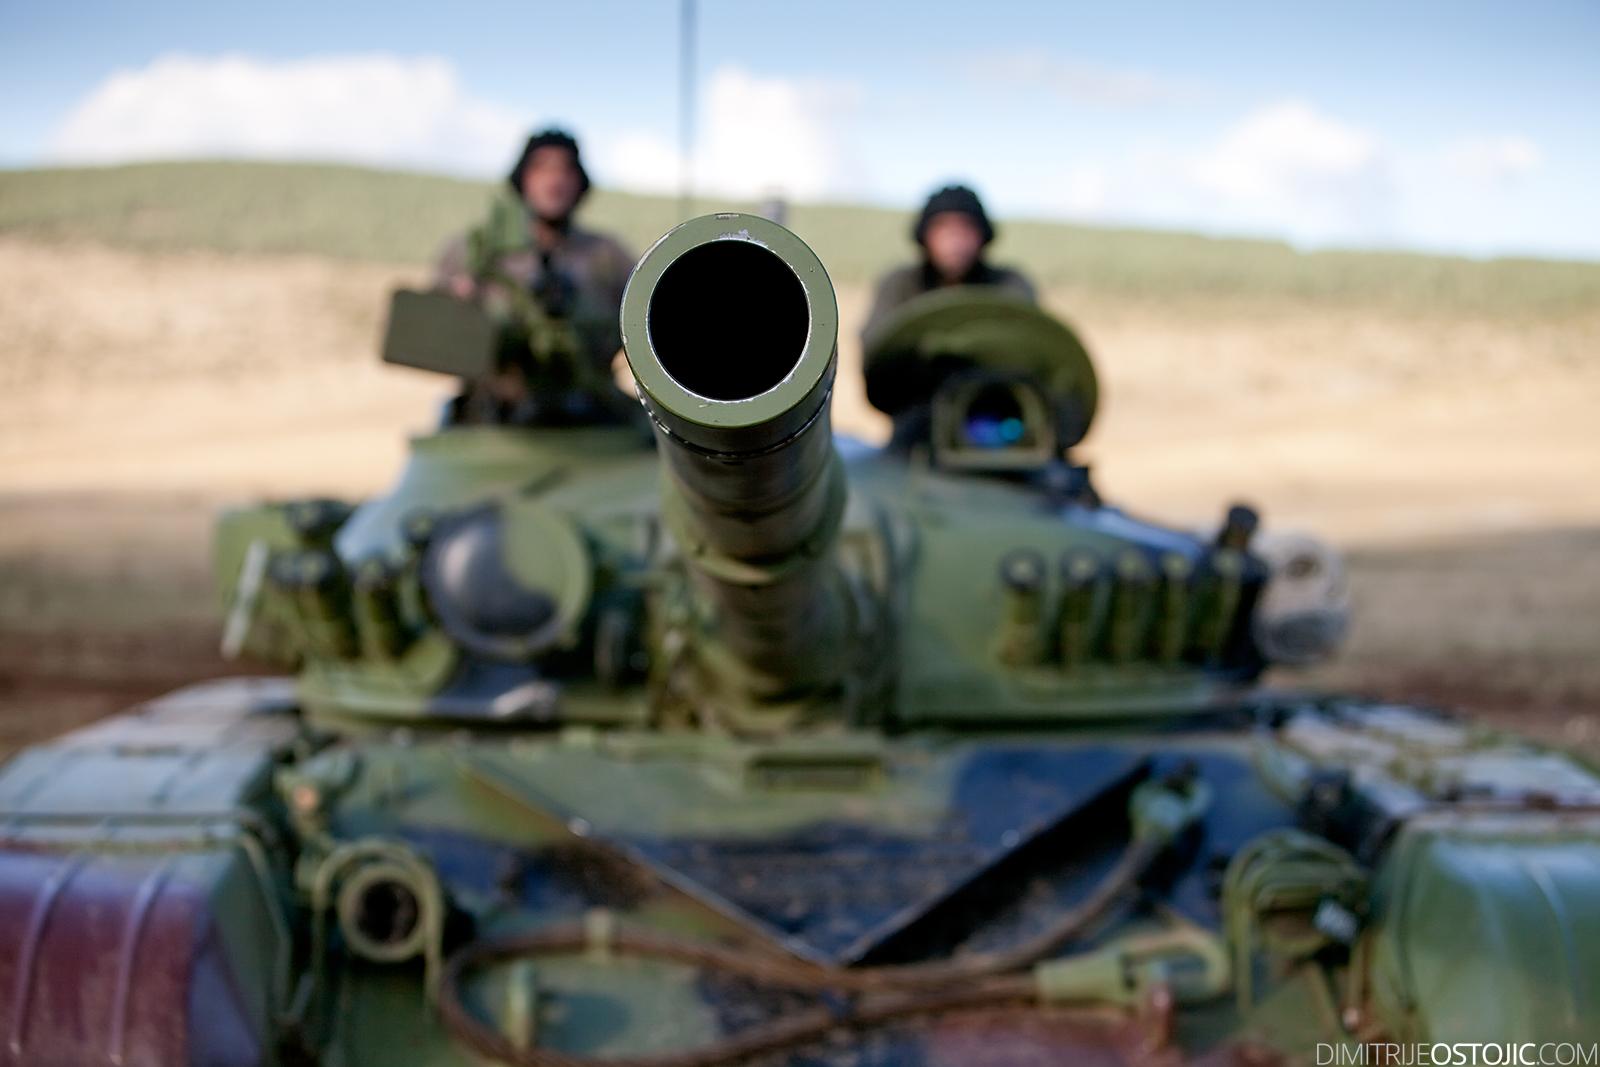 Serbian Army, M-84 , Žandarmerija ,military exercise Odlucan Odgovor 2009, Serbia, Pesterska visoravan, Oktobar 2009 © www.dimitrijeostojic.com